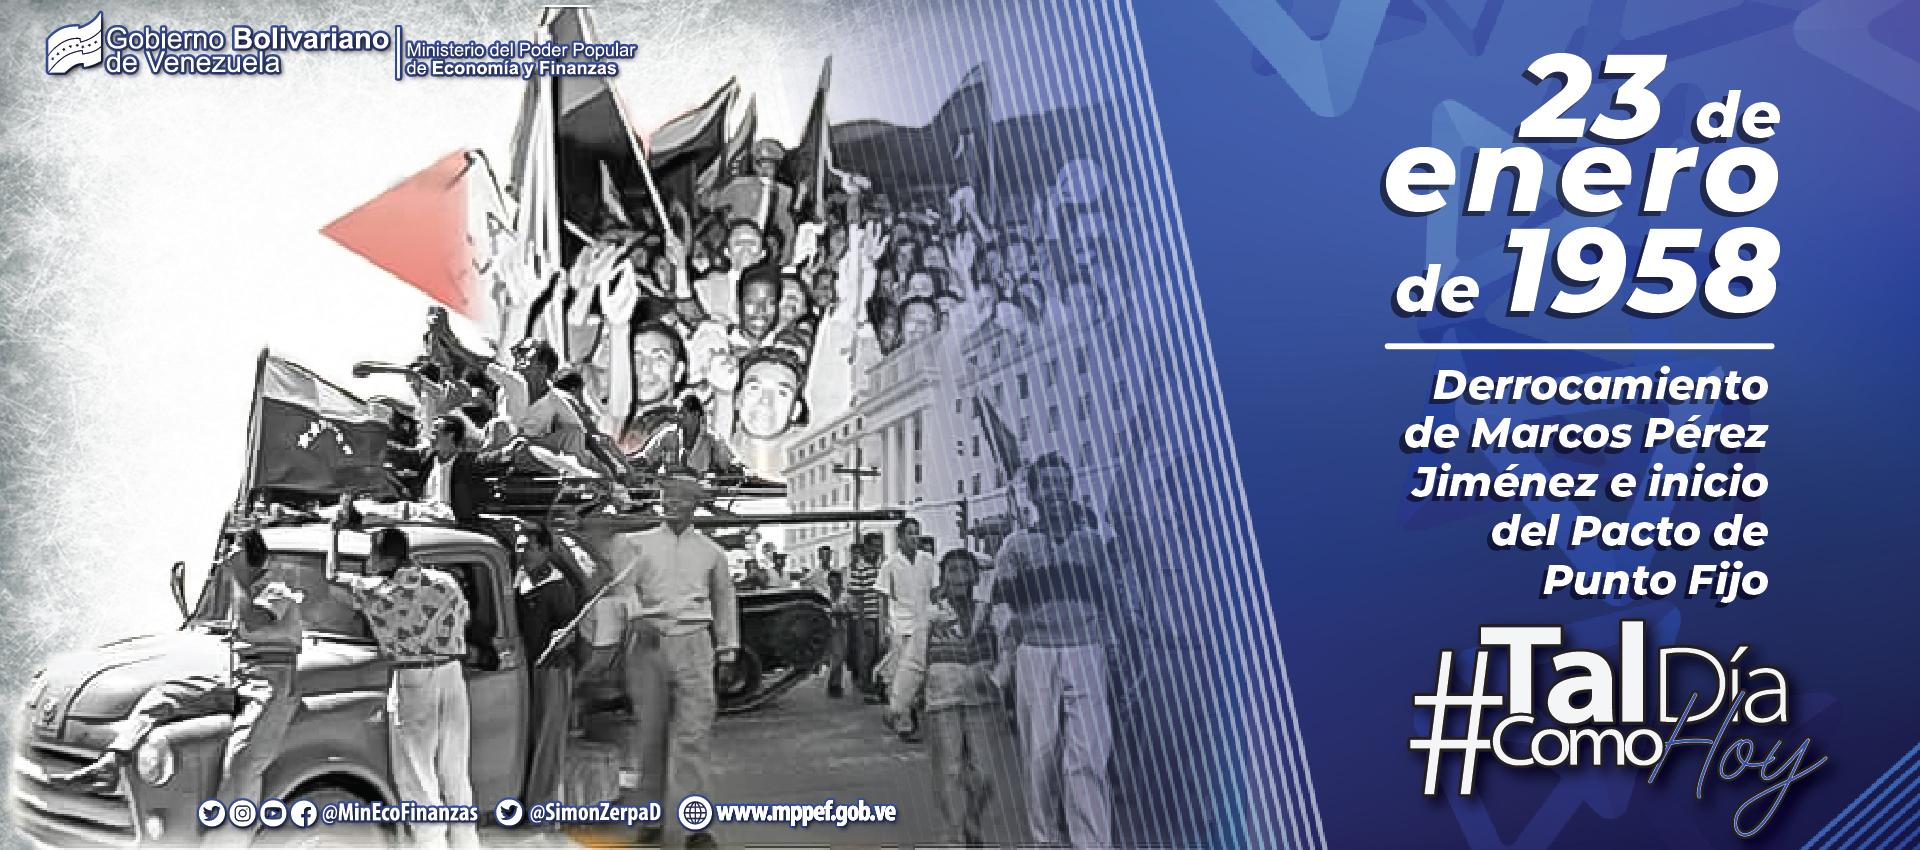 23 de enero: El fin y el comienzo de una etapa transcendental en la historia republicana de Venezuela